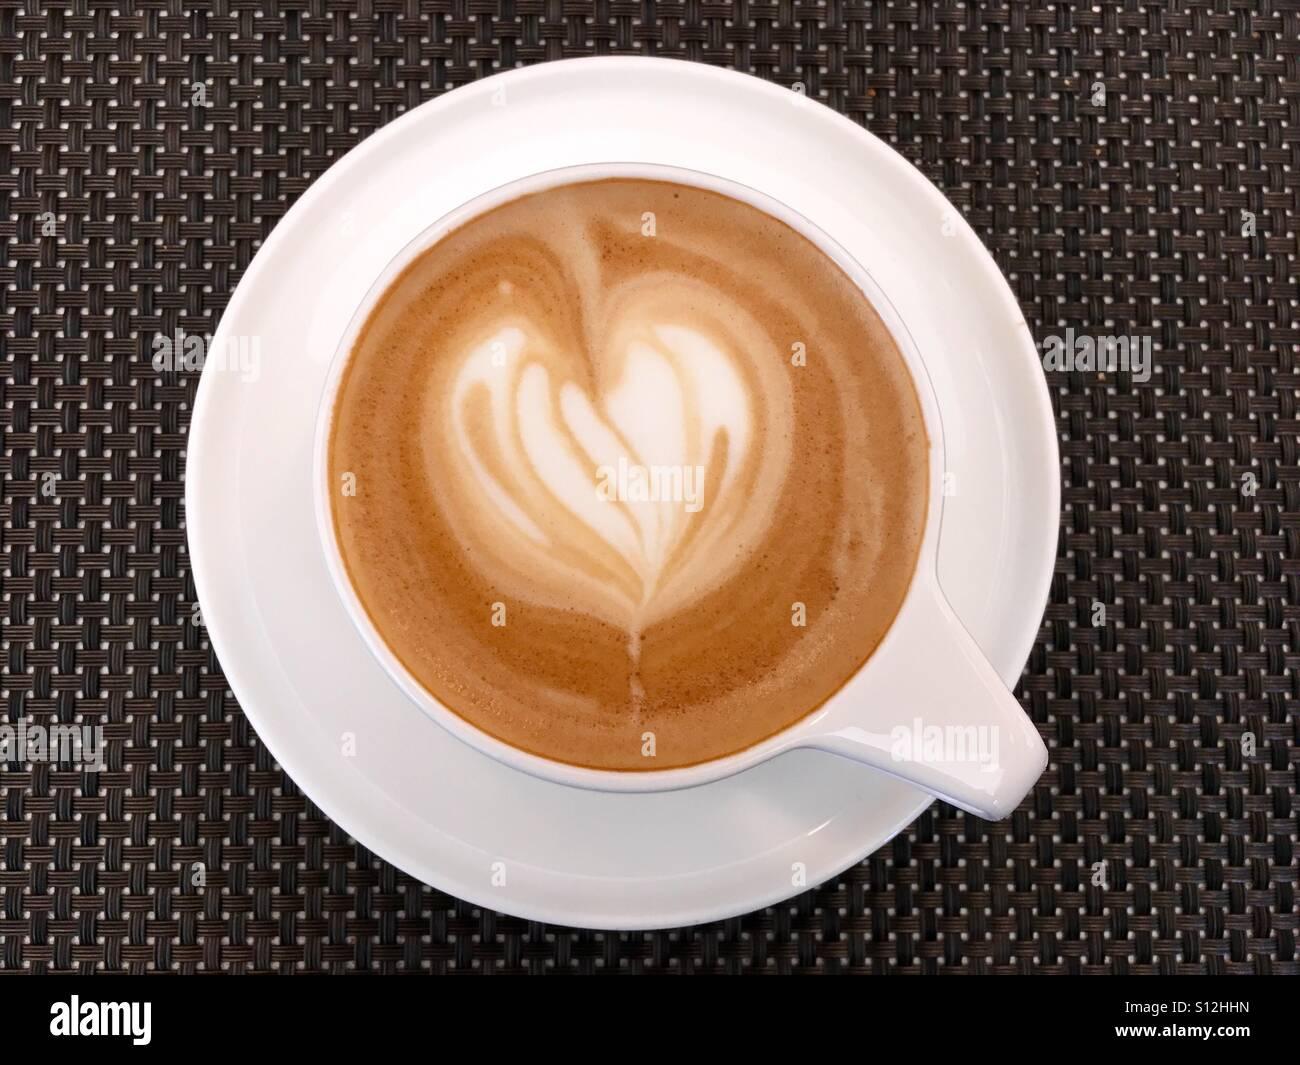 Al di sopra di colpo di un bianco tazza di caffè sul tavolo Immagini Stock